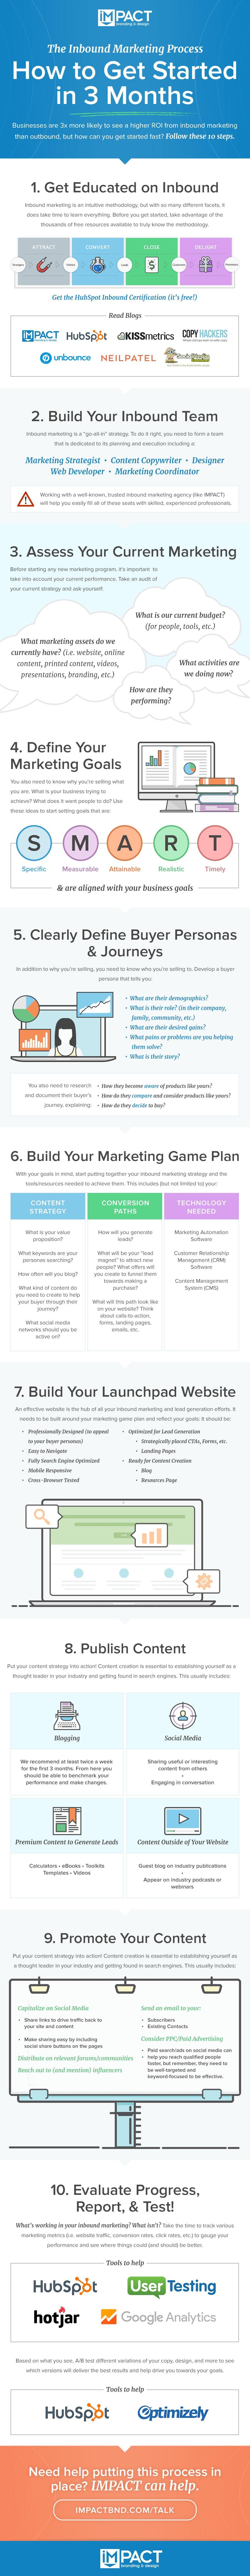 inbound marketing process infographic